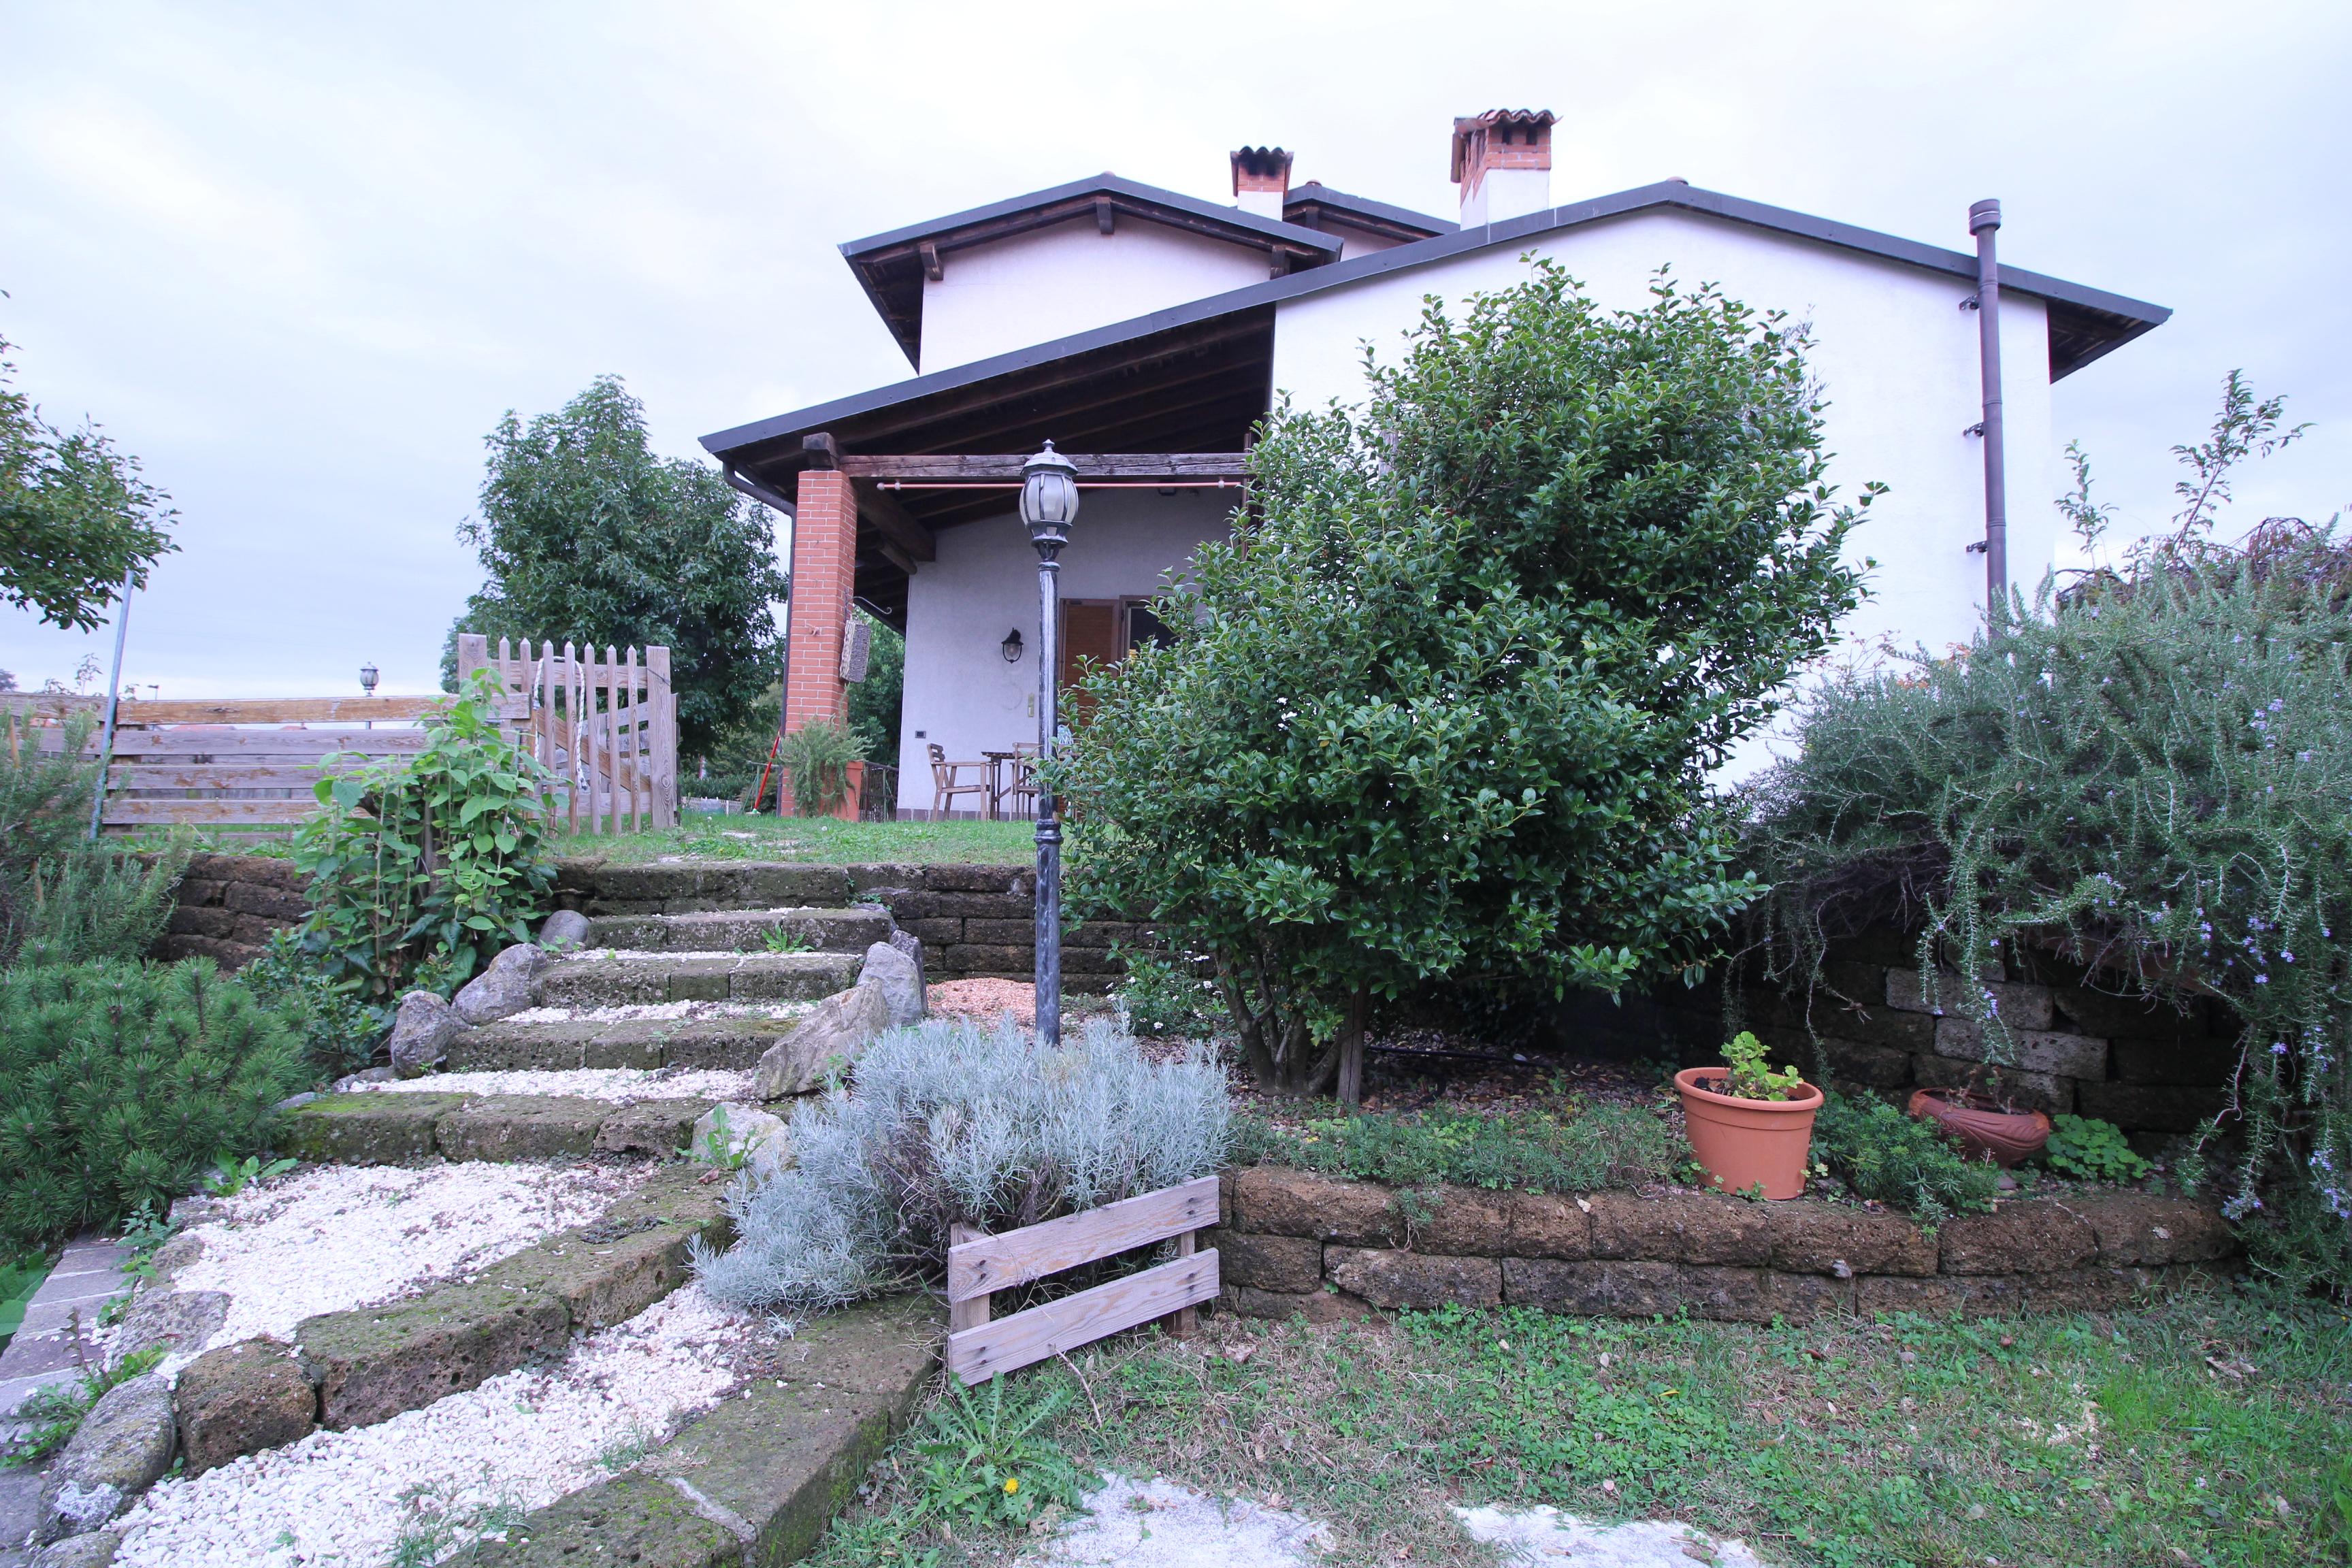 Bellusco-Villa Bifamigliare di ampia metratura